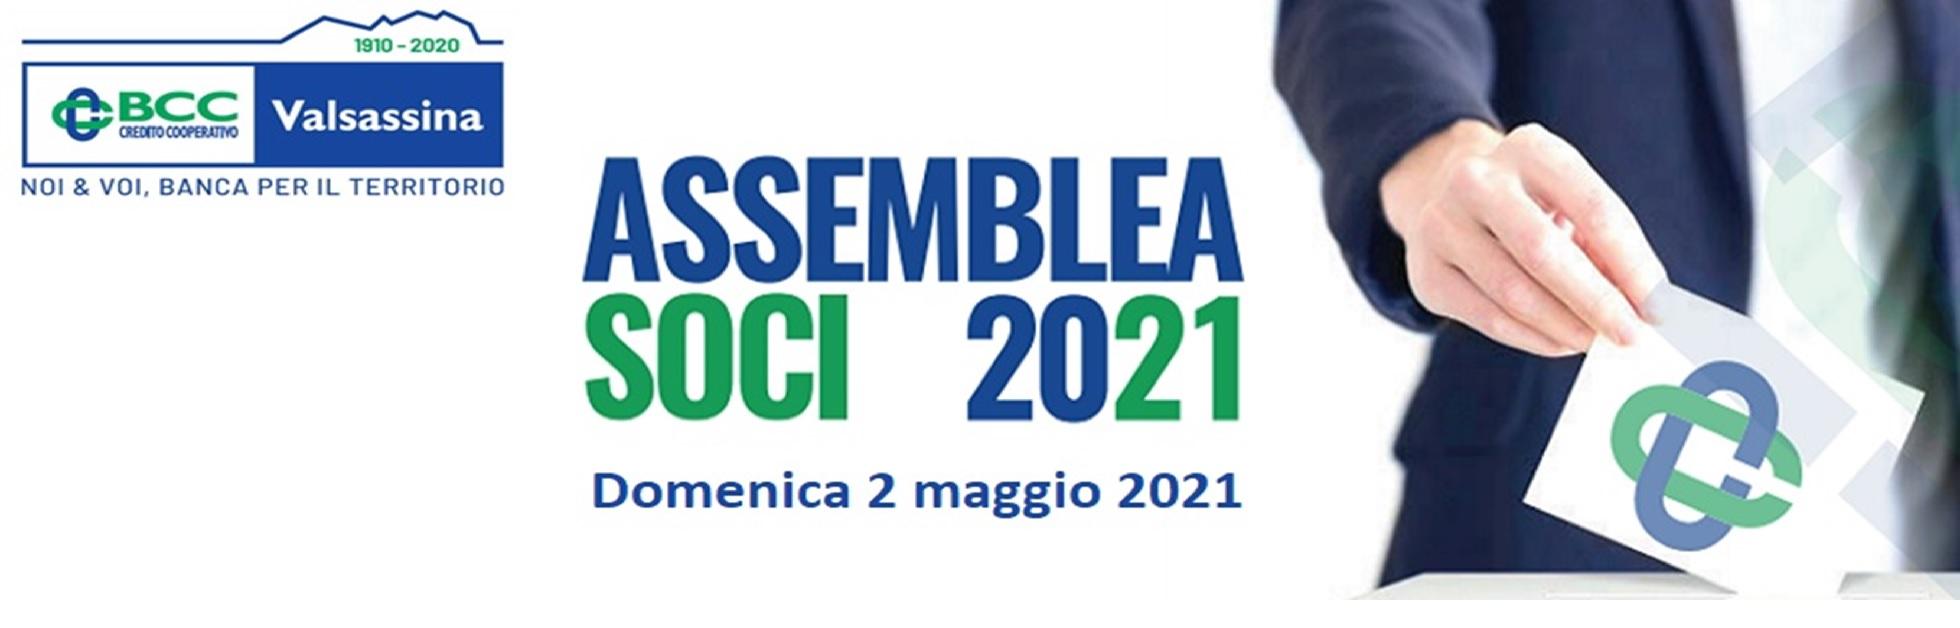 AssembleaSoci2021